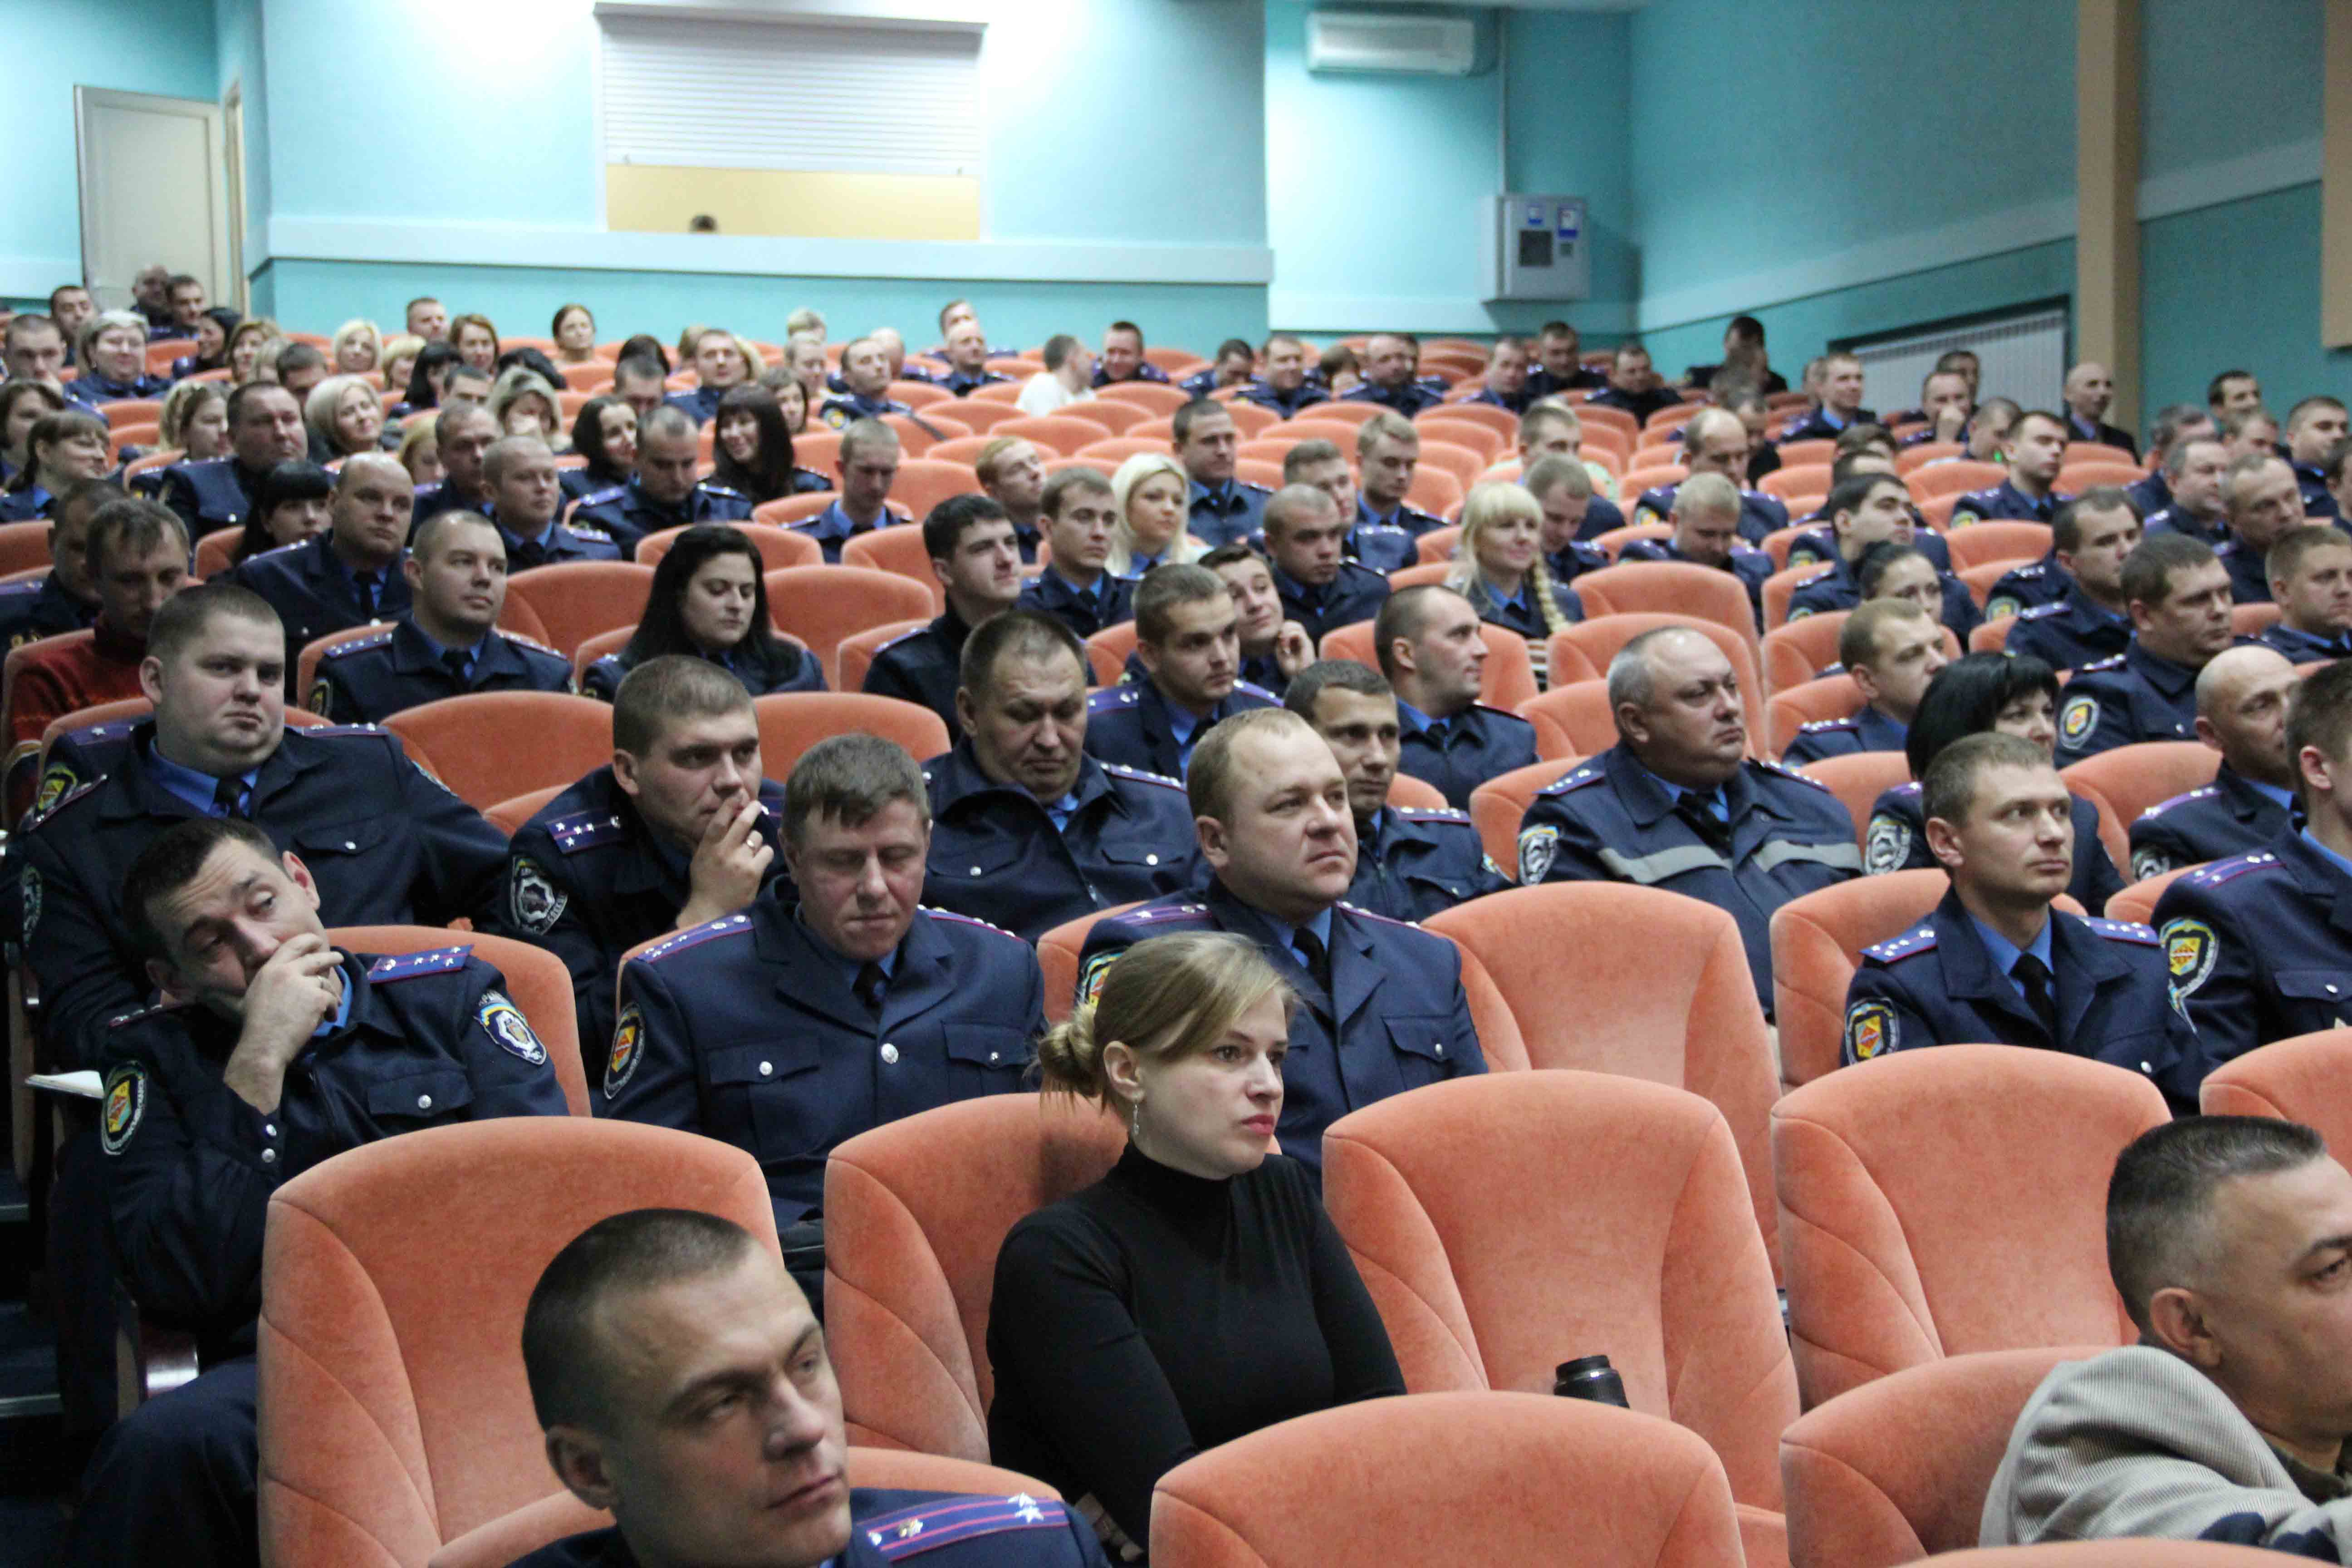 Експерти по реформі міліції відвідали Полтаву і розповіли про литовський досвід